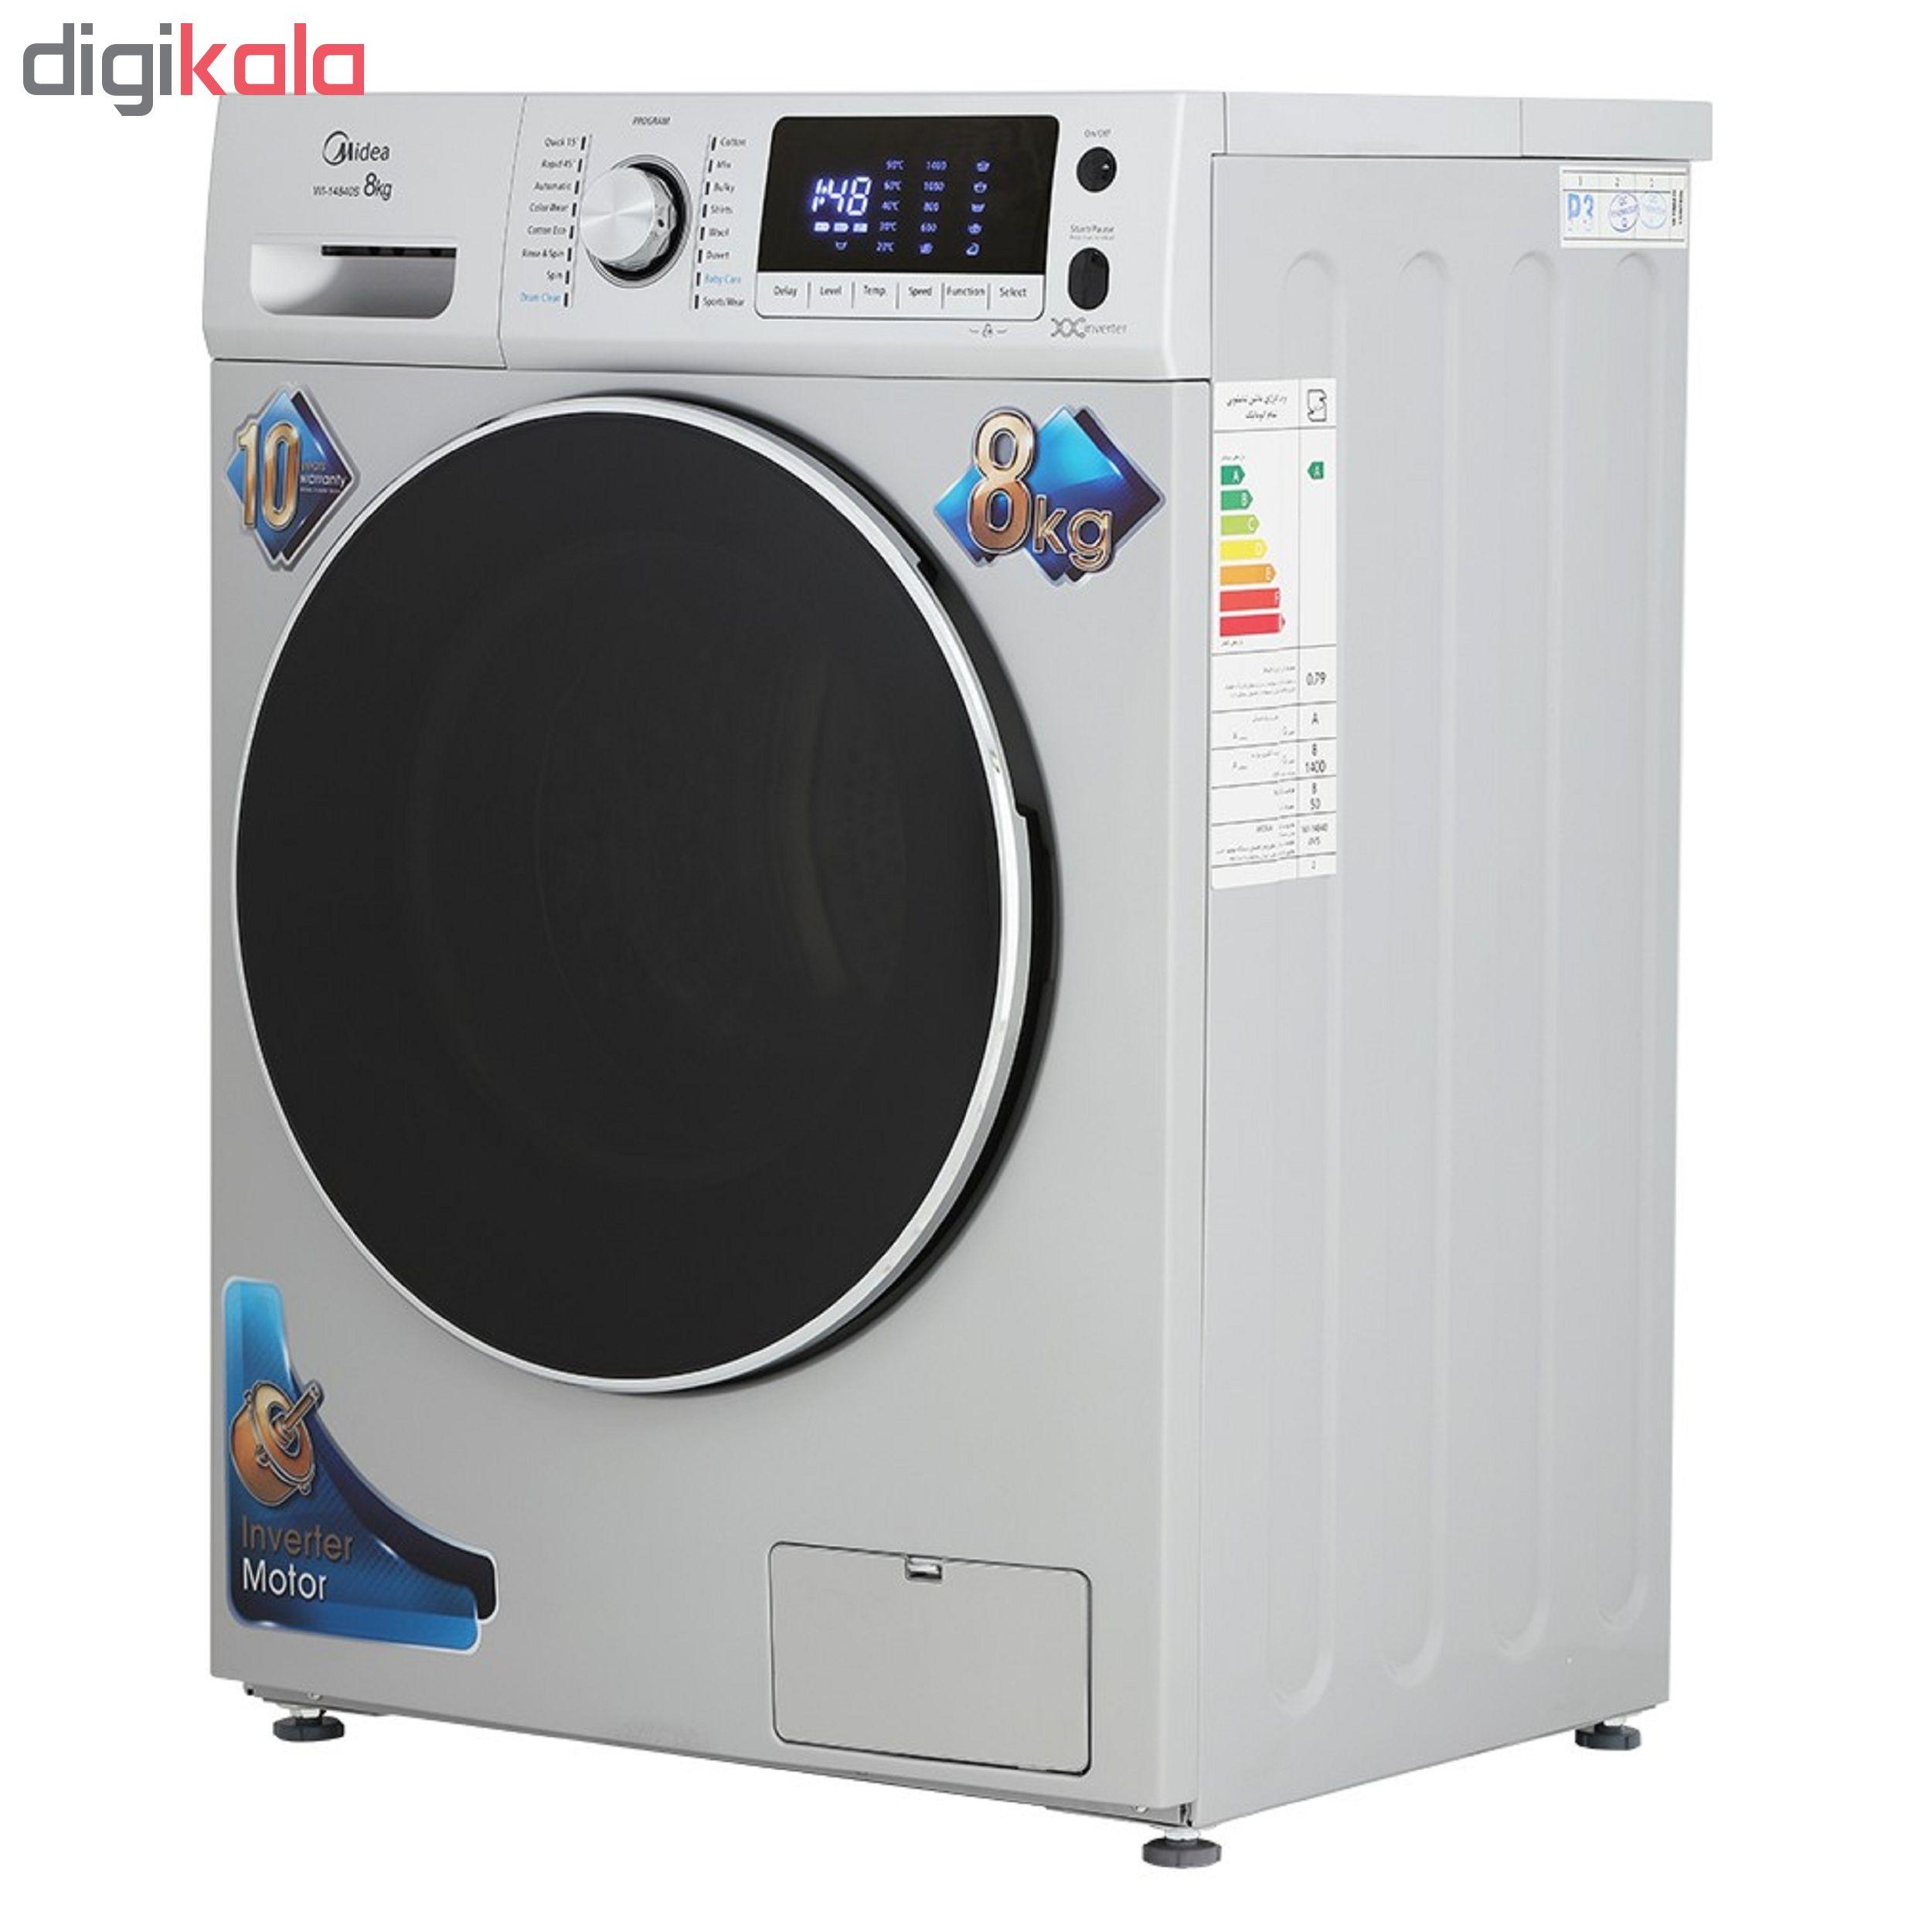 ماشین لباسشویی مایدیا مدل WI-14812 ظرفیت 8 کیلوگرم